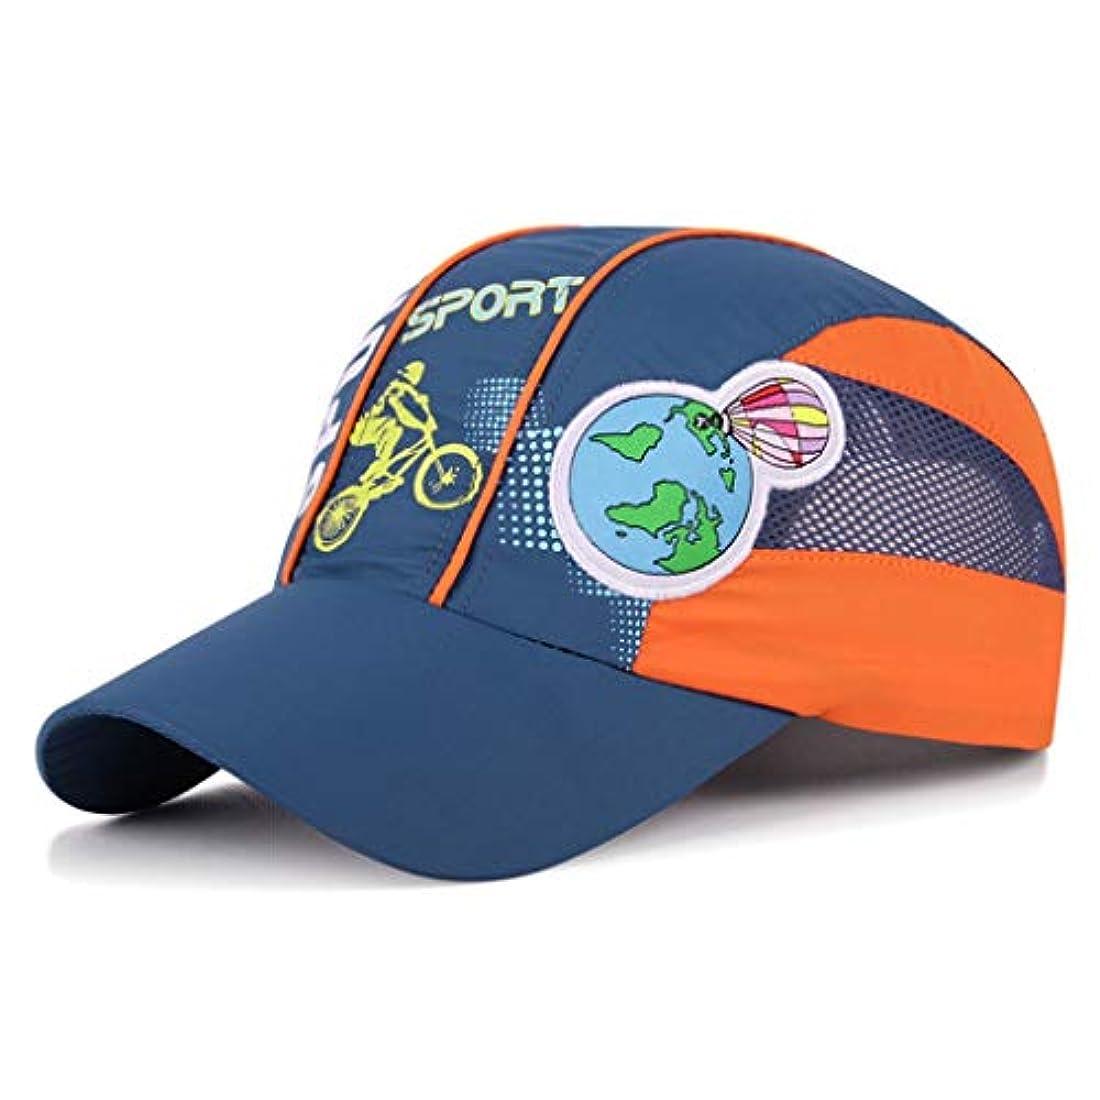 有効化ビジネスロマンス日よけ帽 日焼け止め夏の男性と女性の子供アウトドアスポーツ野球帽速乾性通気性メッシュキャップ日焼け止め日よけ48-56 cm ZHAOSHUNLI (Color : Blue)